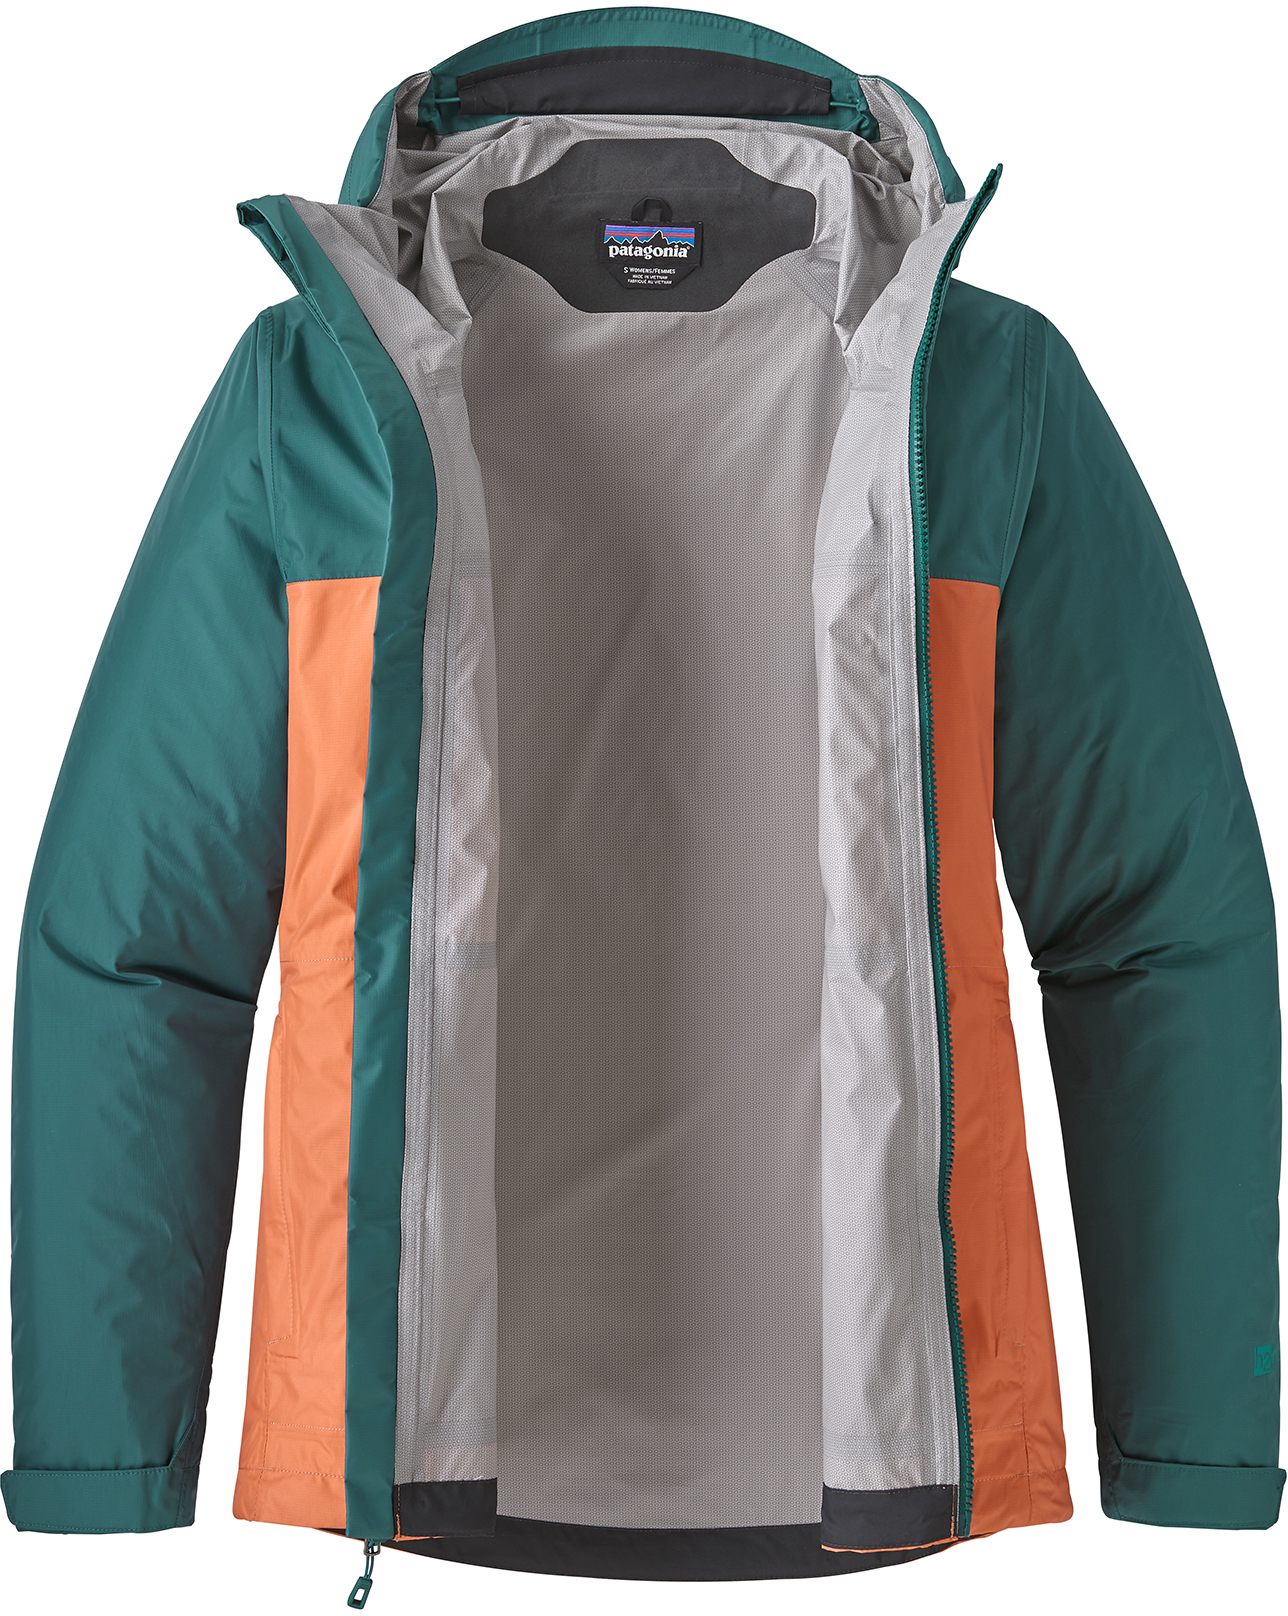 8c8af9e5a Patagonia Torrentshell Jacket - Women s